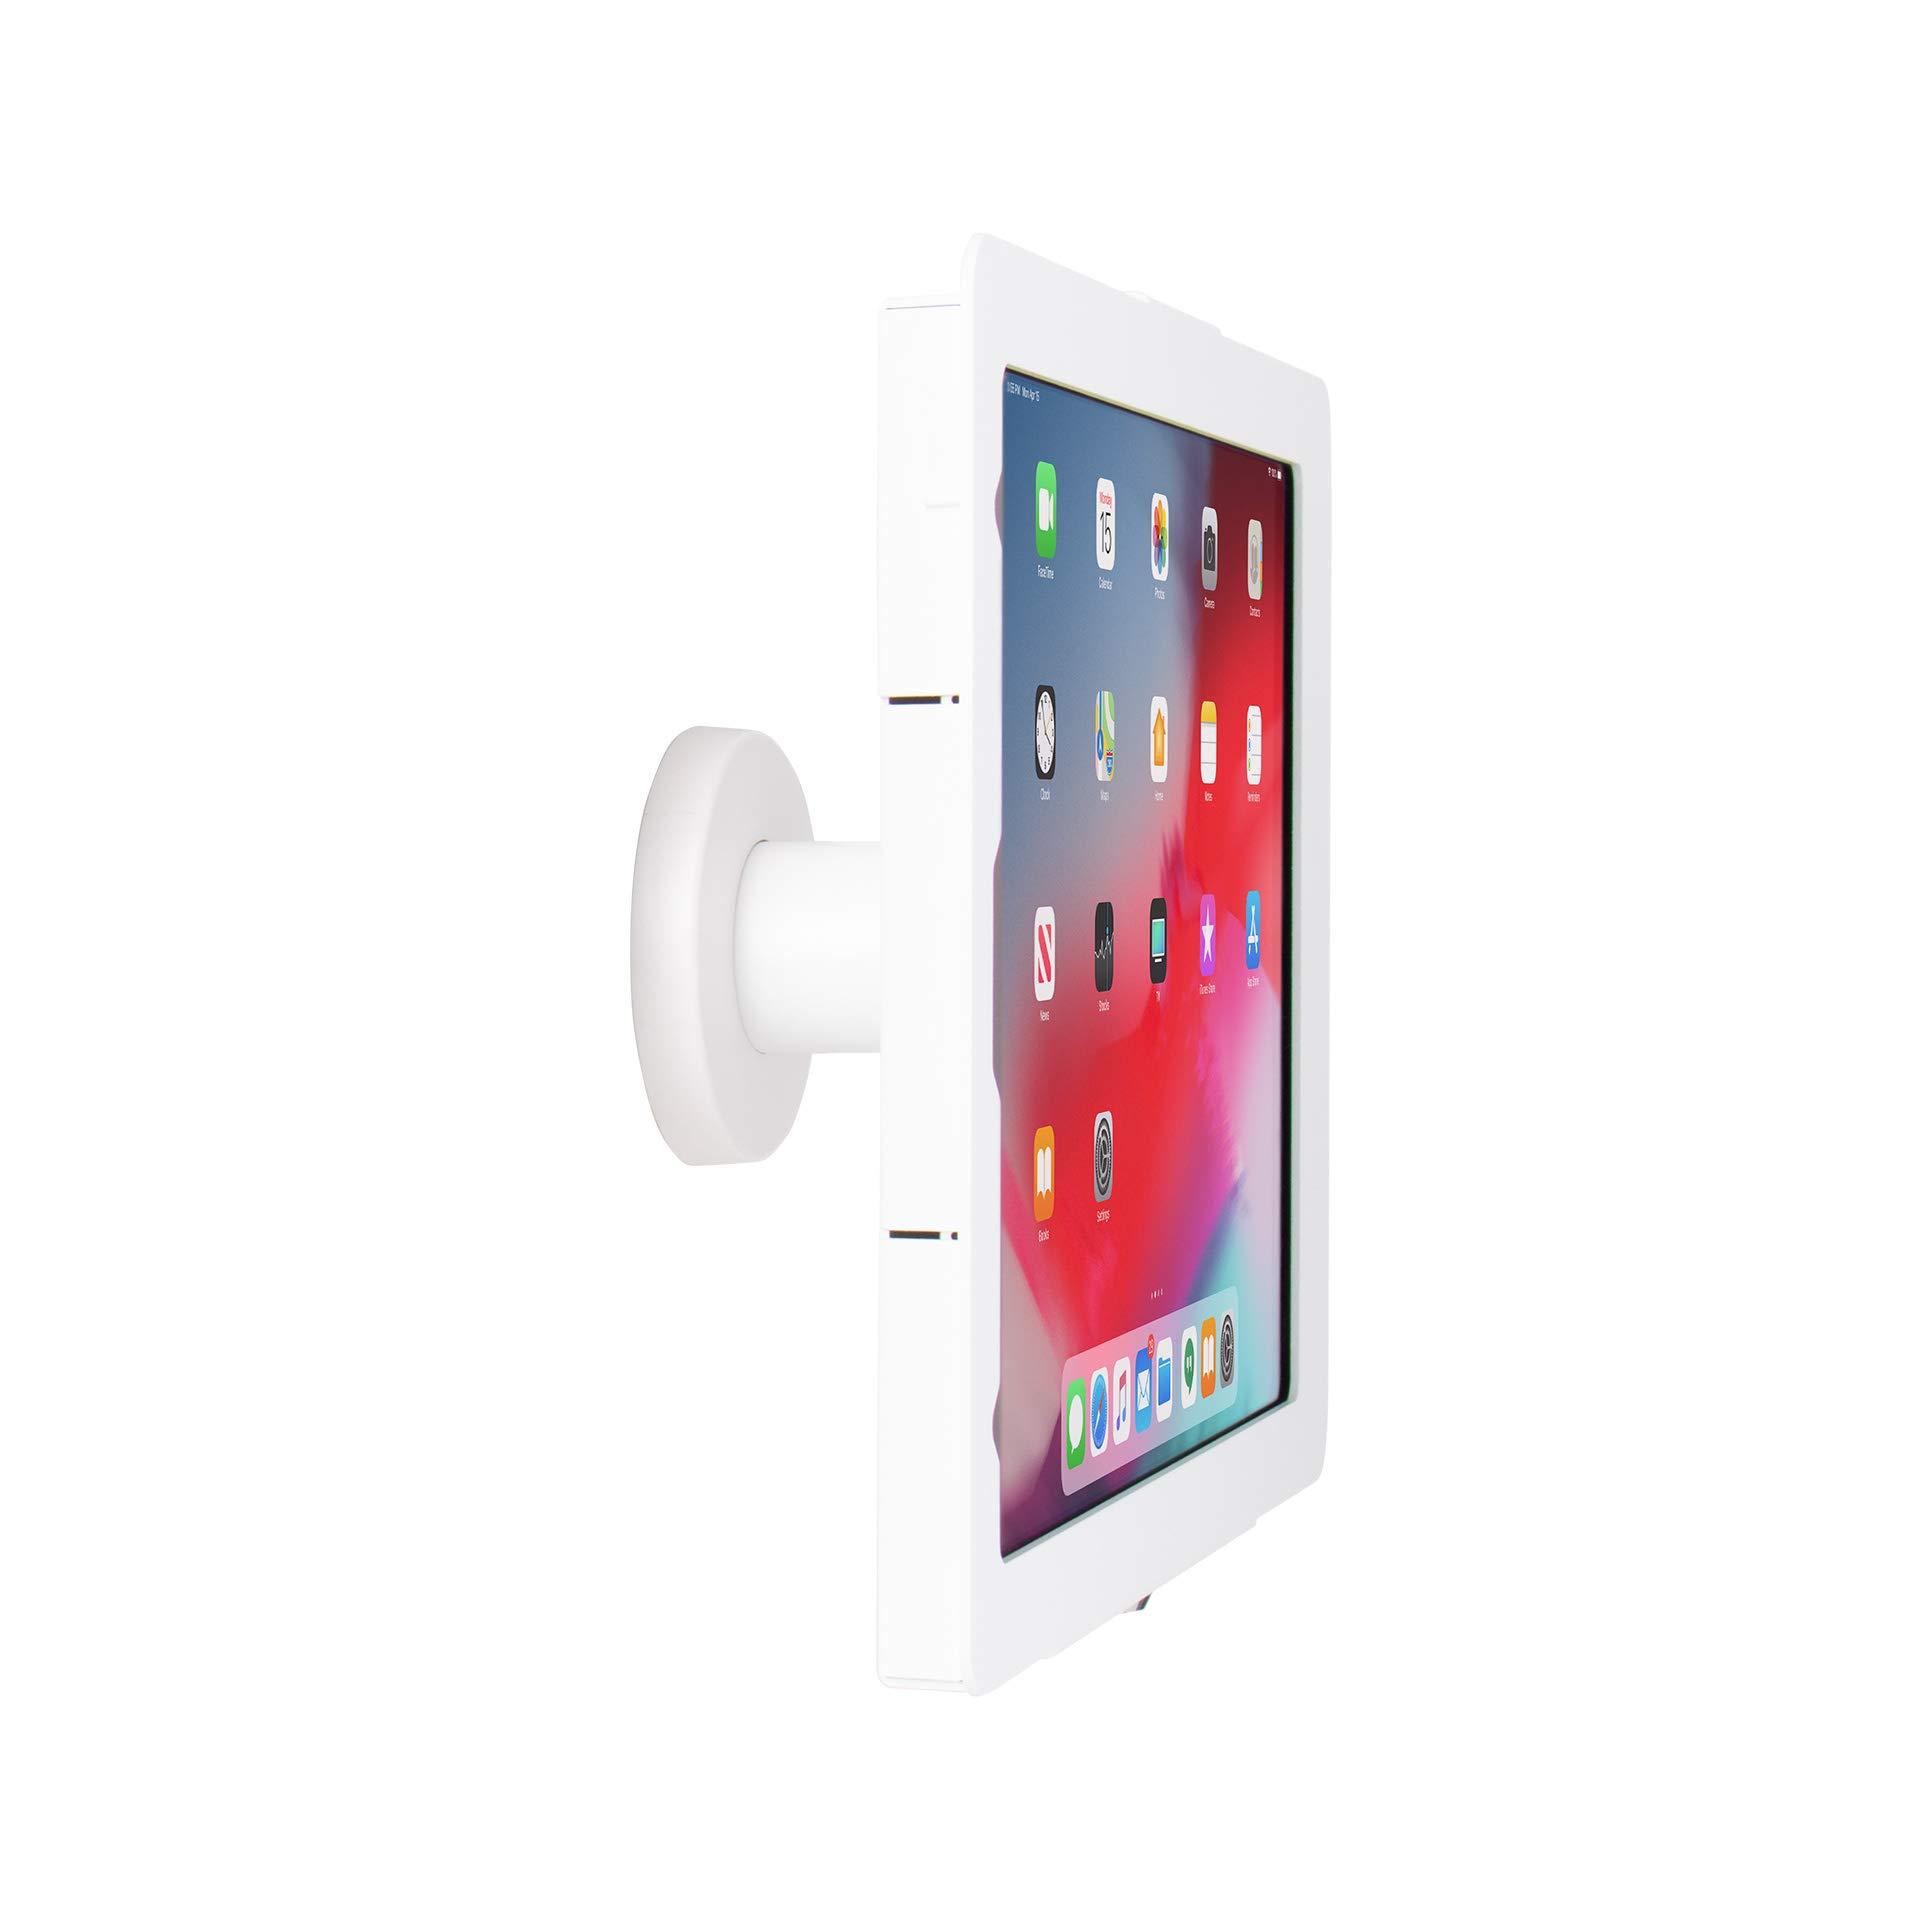 """The Joy Factory Elevate II On-Wall Retail Kiosk for iPad Pro 12.9"""" [3rd Gen] (KAA704W)"""